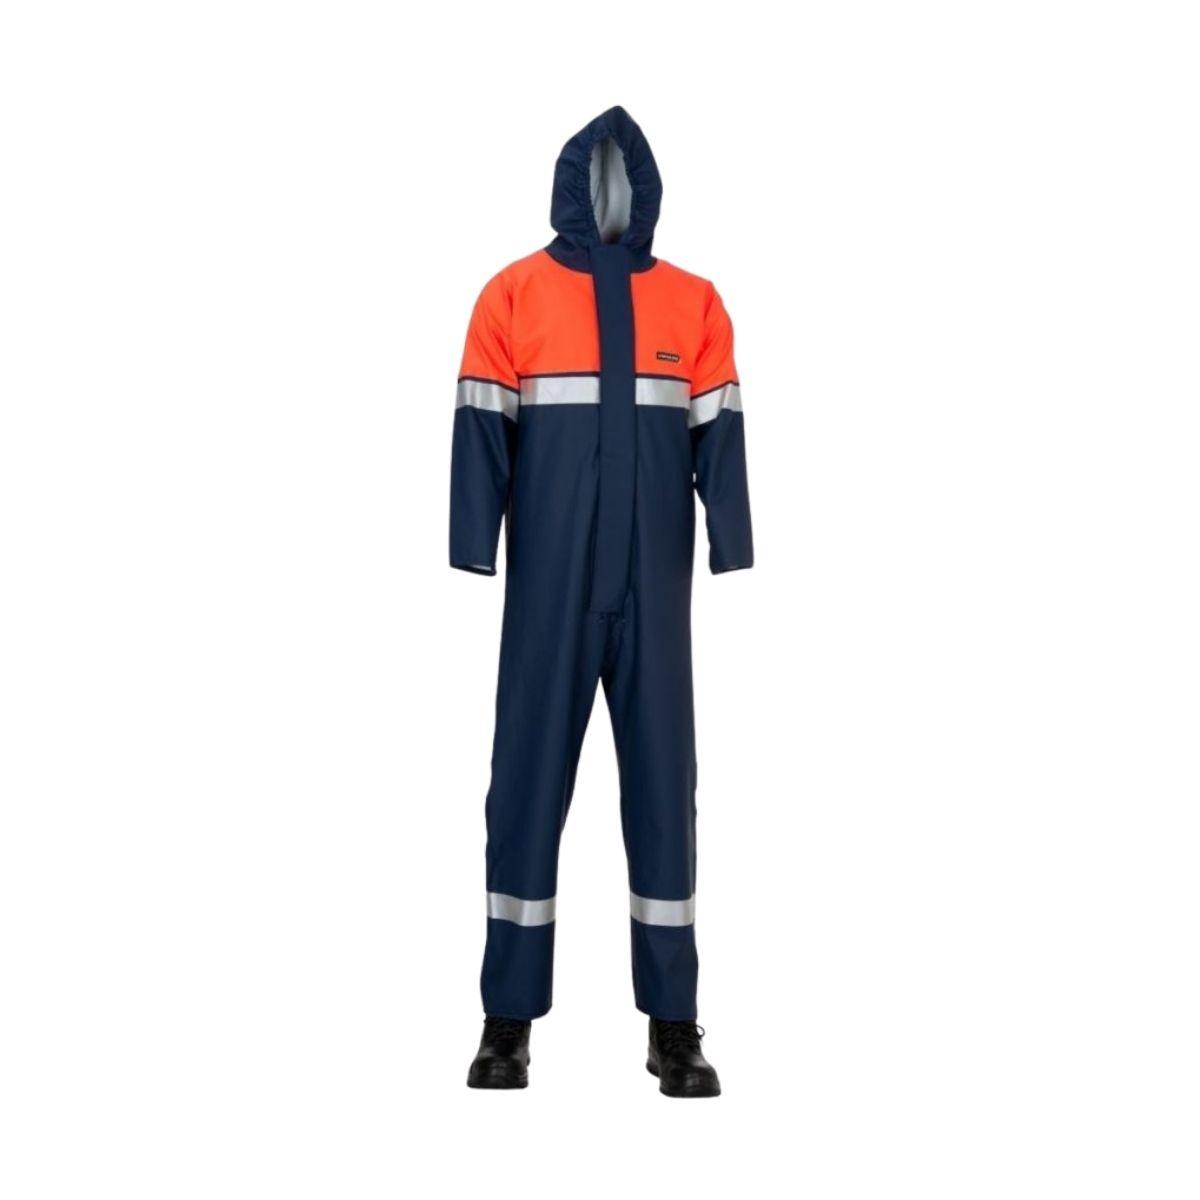 AS2033 HAZTEC Varg Flame Retardant Anti-Static Chemsol Plus Suit